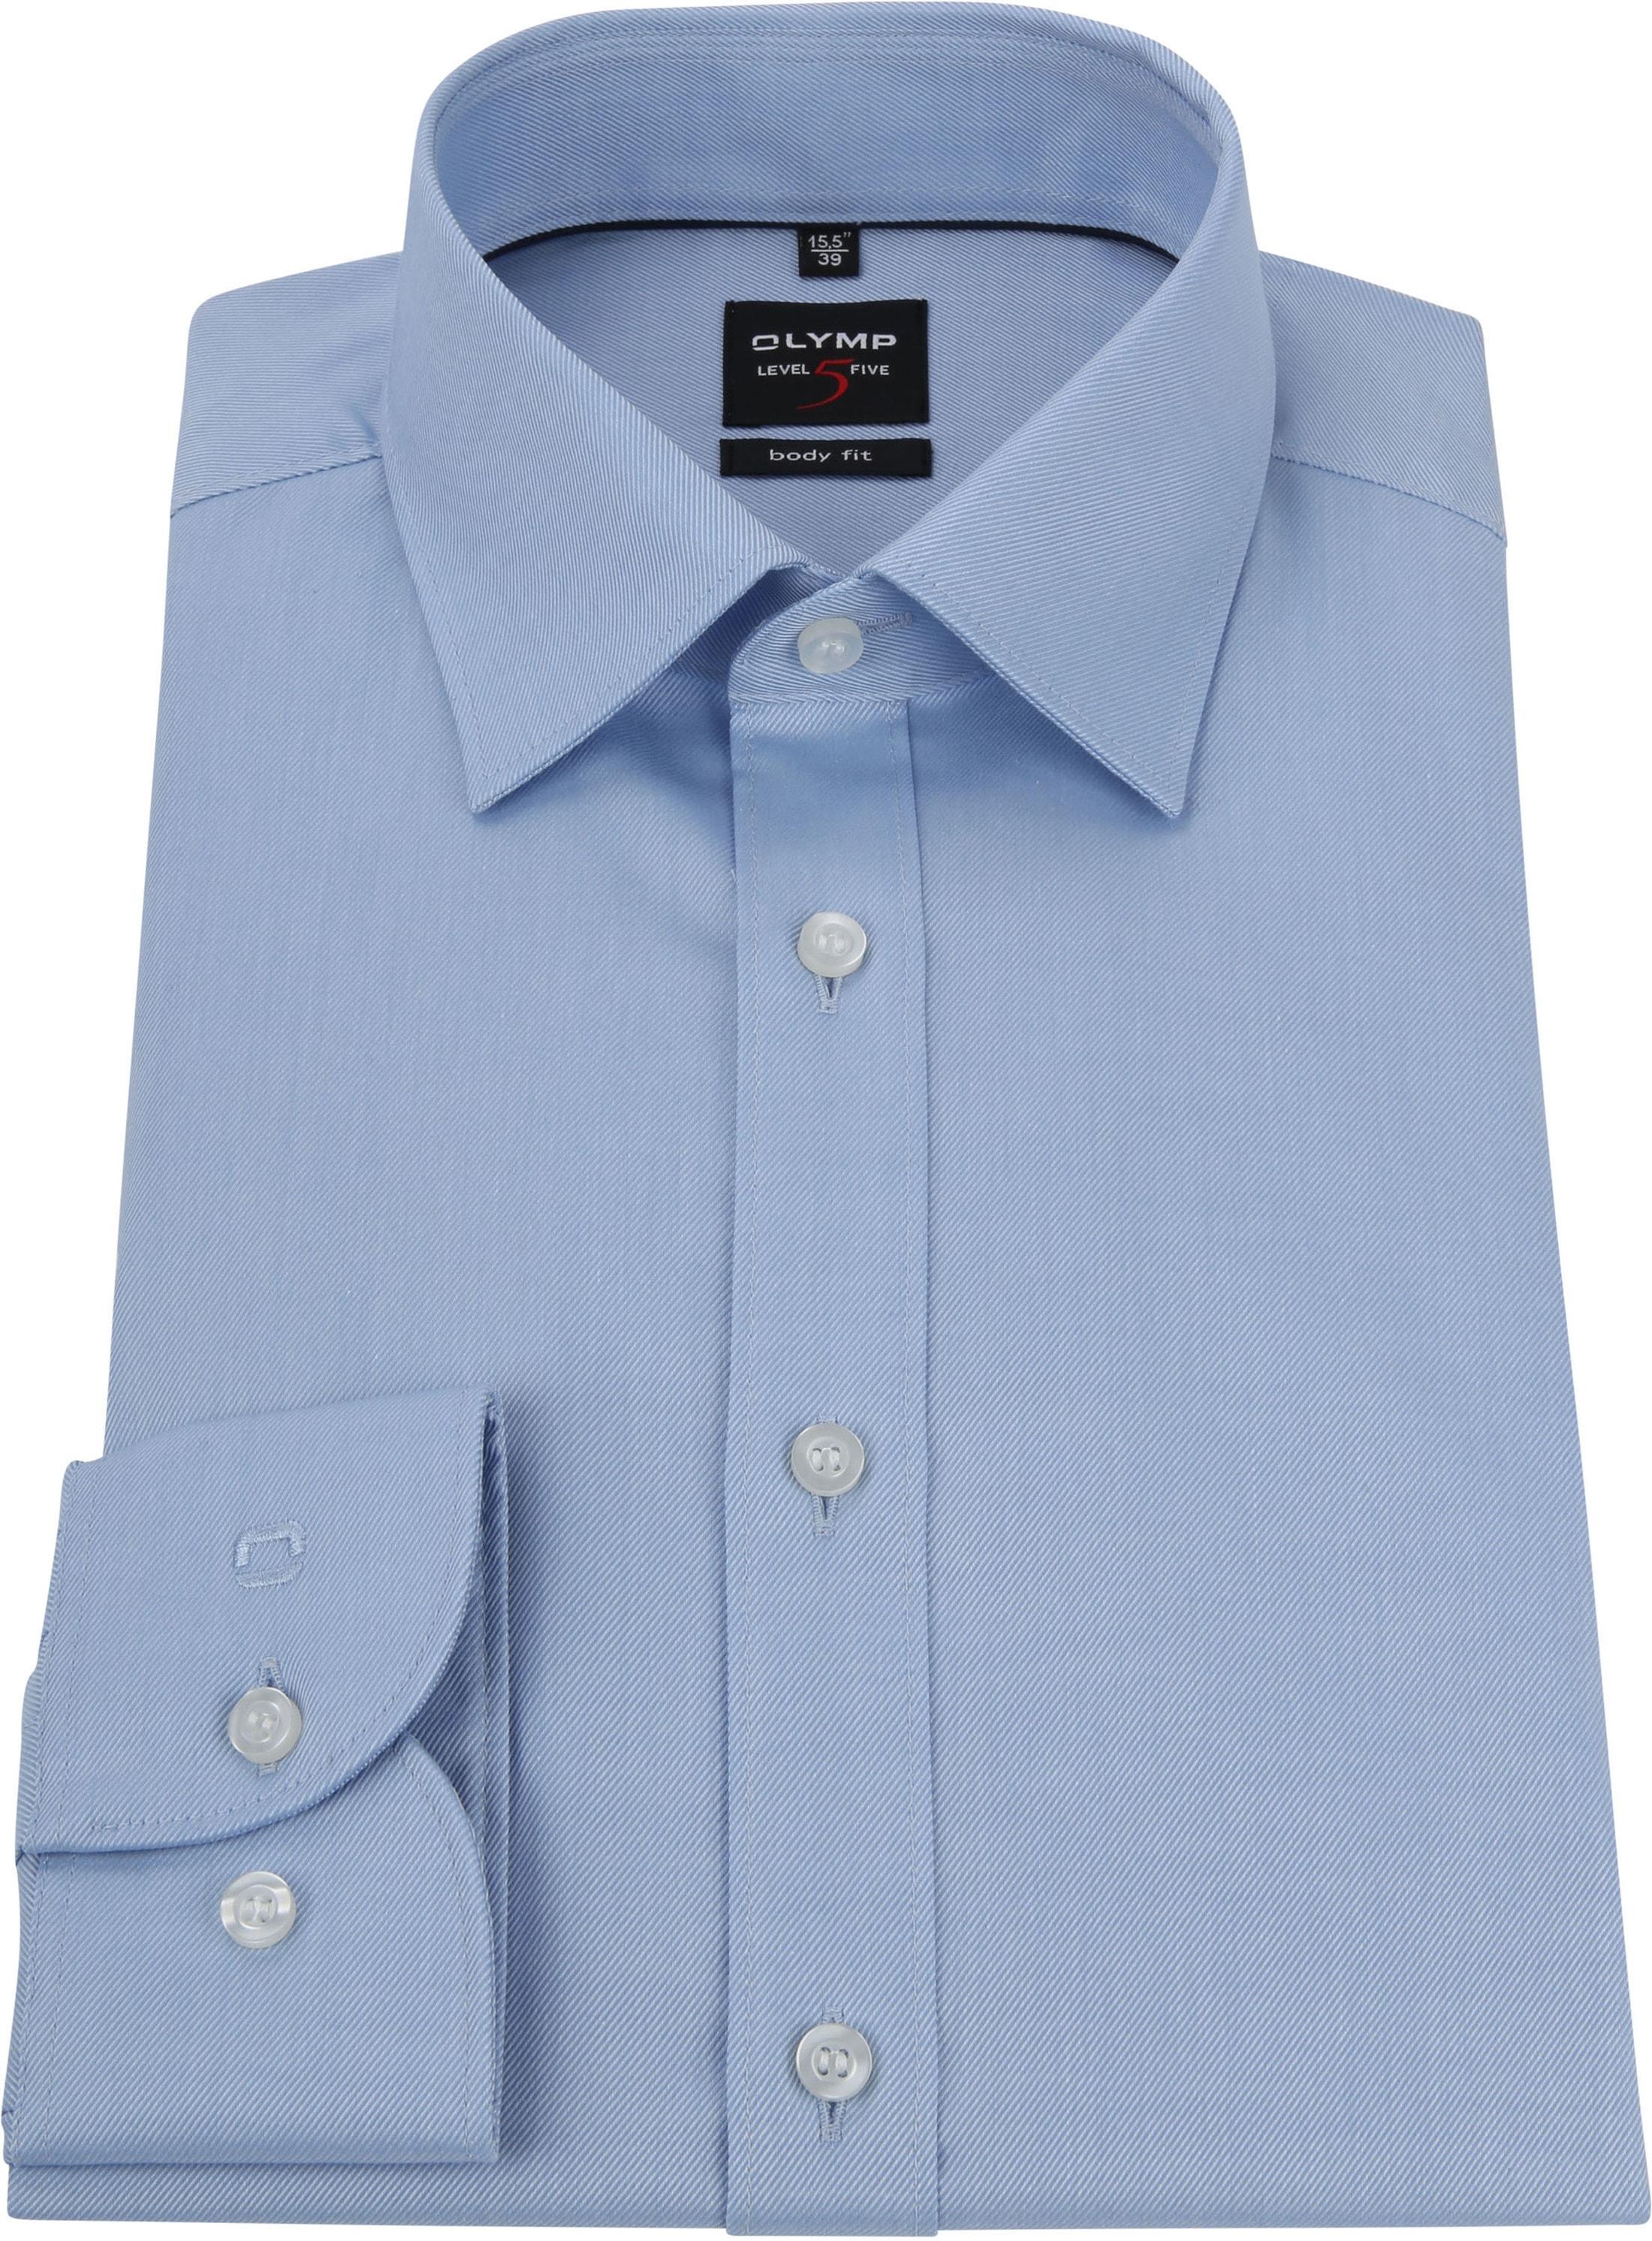 OLYMP Shirt BF Level 5 Twill Blue foto 2